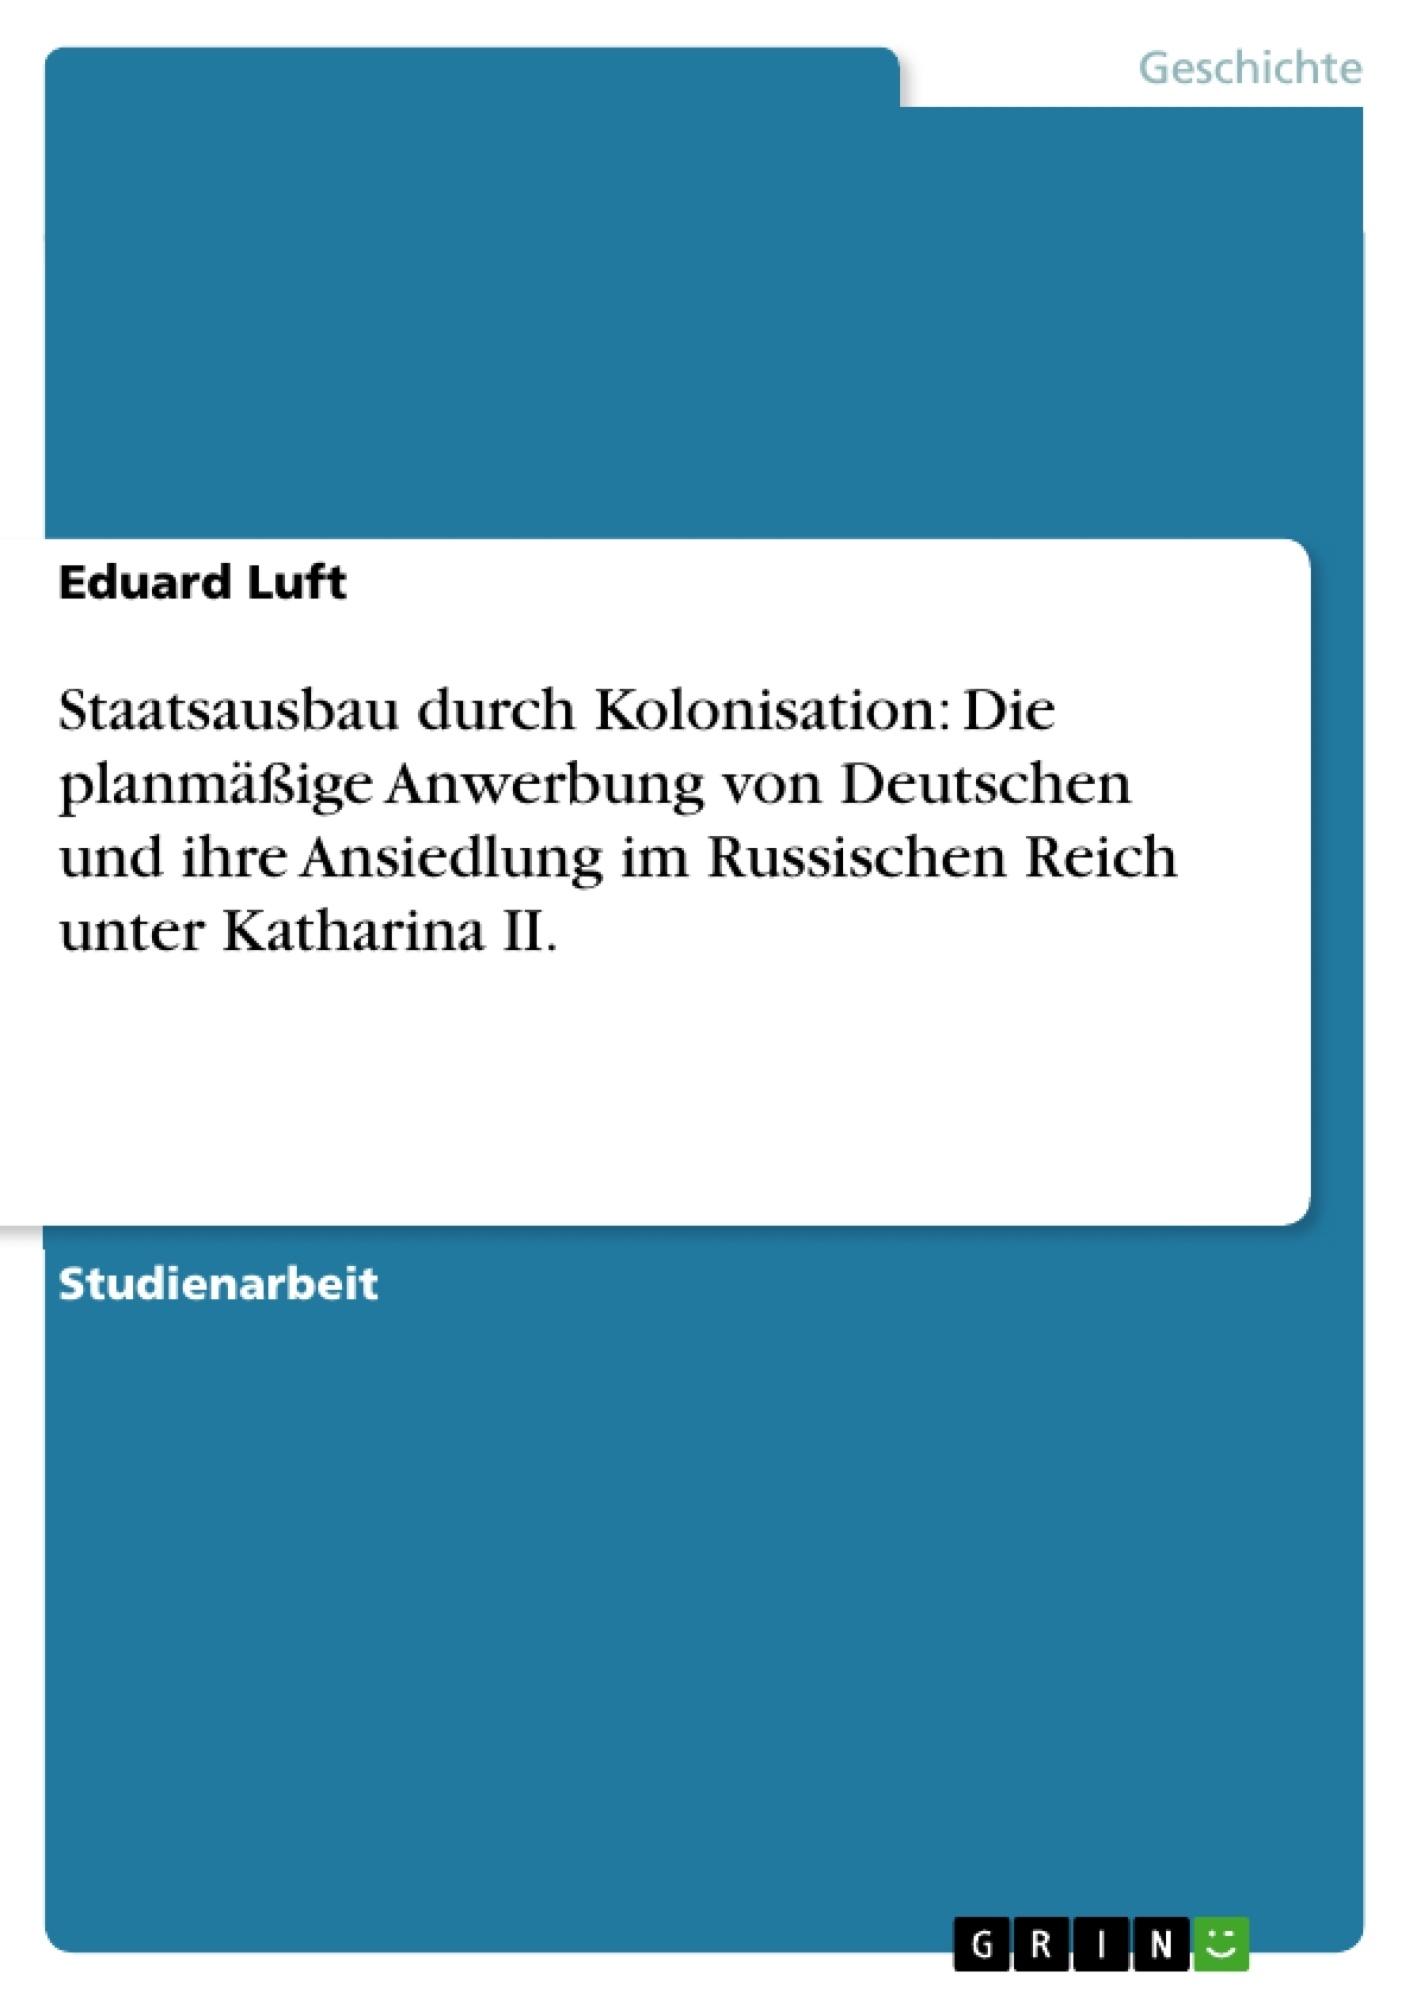 Titel: Staatsausbau durch Kolonisation: Die planmäßige Anwerbung von Deutschen und ihre Ansiedlung im Russischen Reich unter Katharina II.